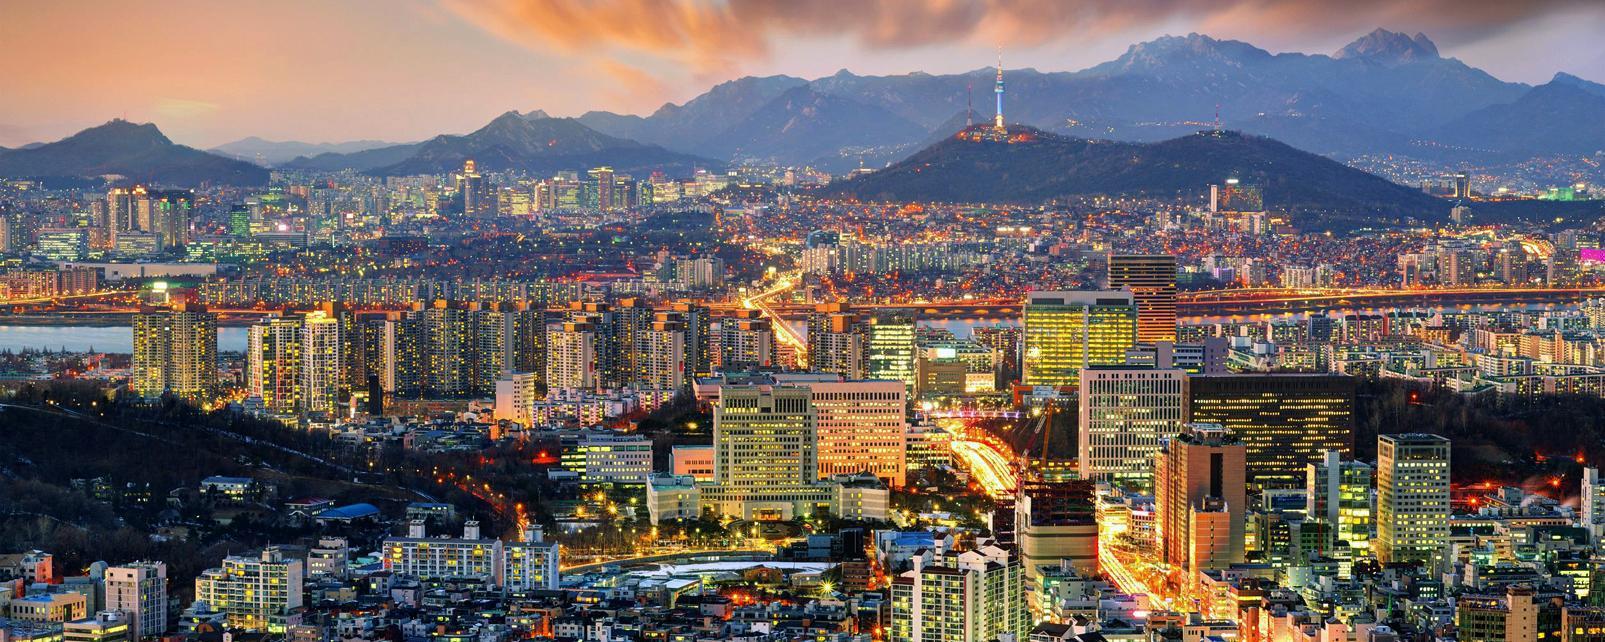 Asie, Corée du Sud, Séoul, ville, montagne, building,